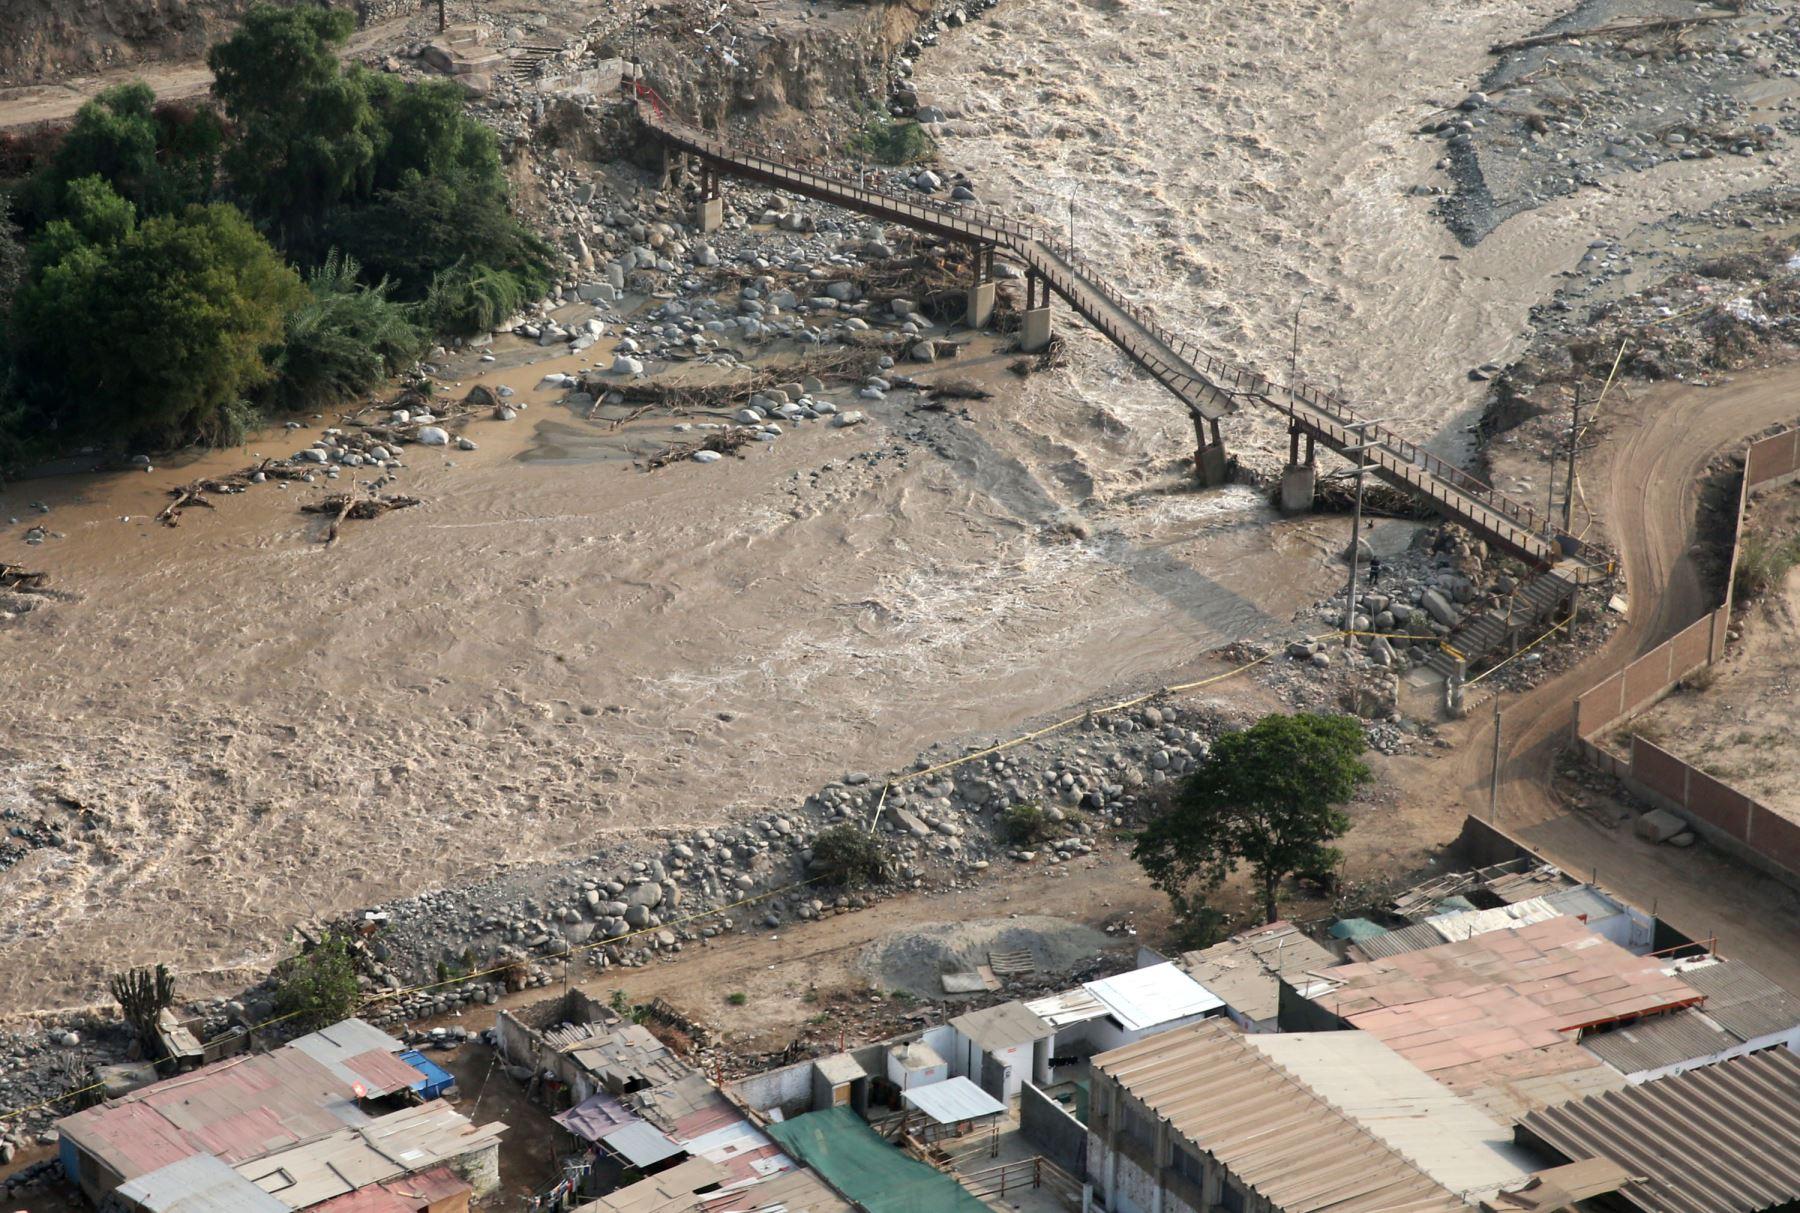 LIMA,PERÚ-MARZO 226. Ministro de Transportes y Comunicaciones, Martín Vizcarra, sobrevuela la cuenca del río Rímac y la carretera Central hasta la zona de Huarochirí. Foto: ANDINA/Vidal Tarqui